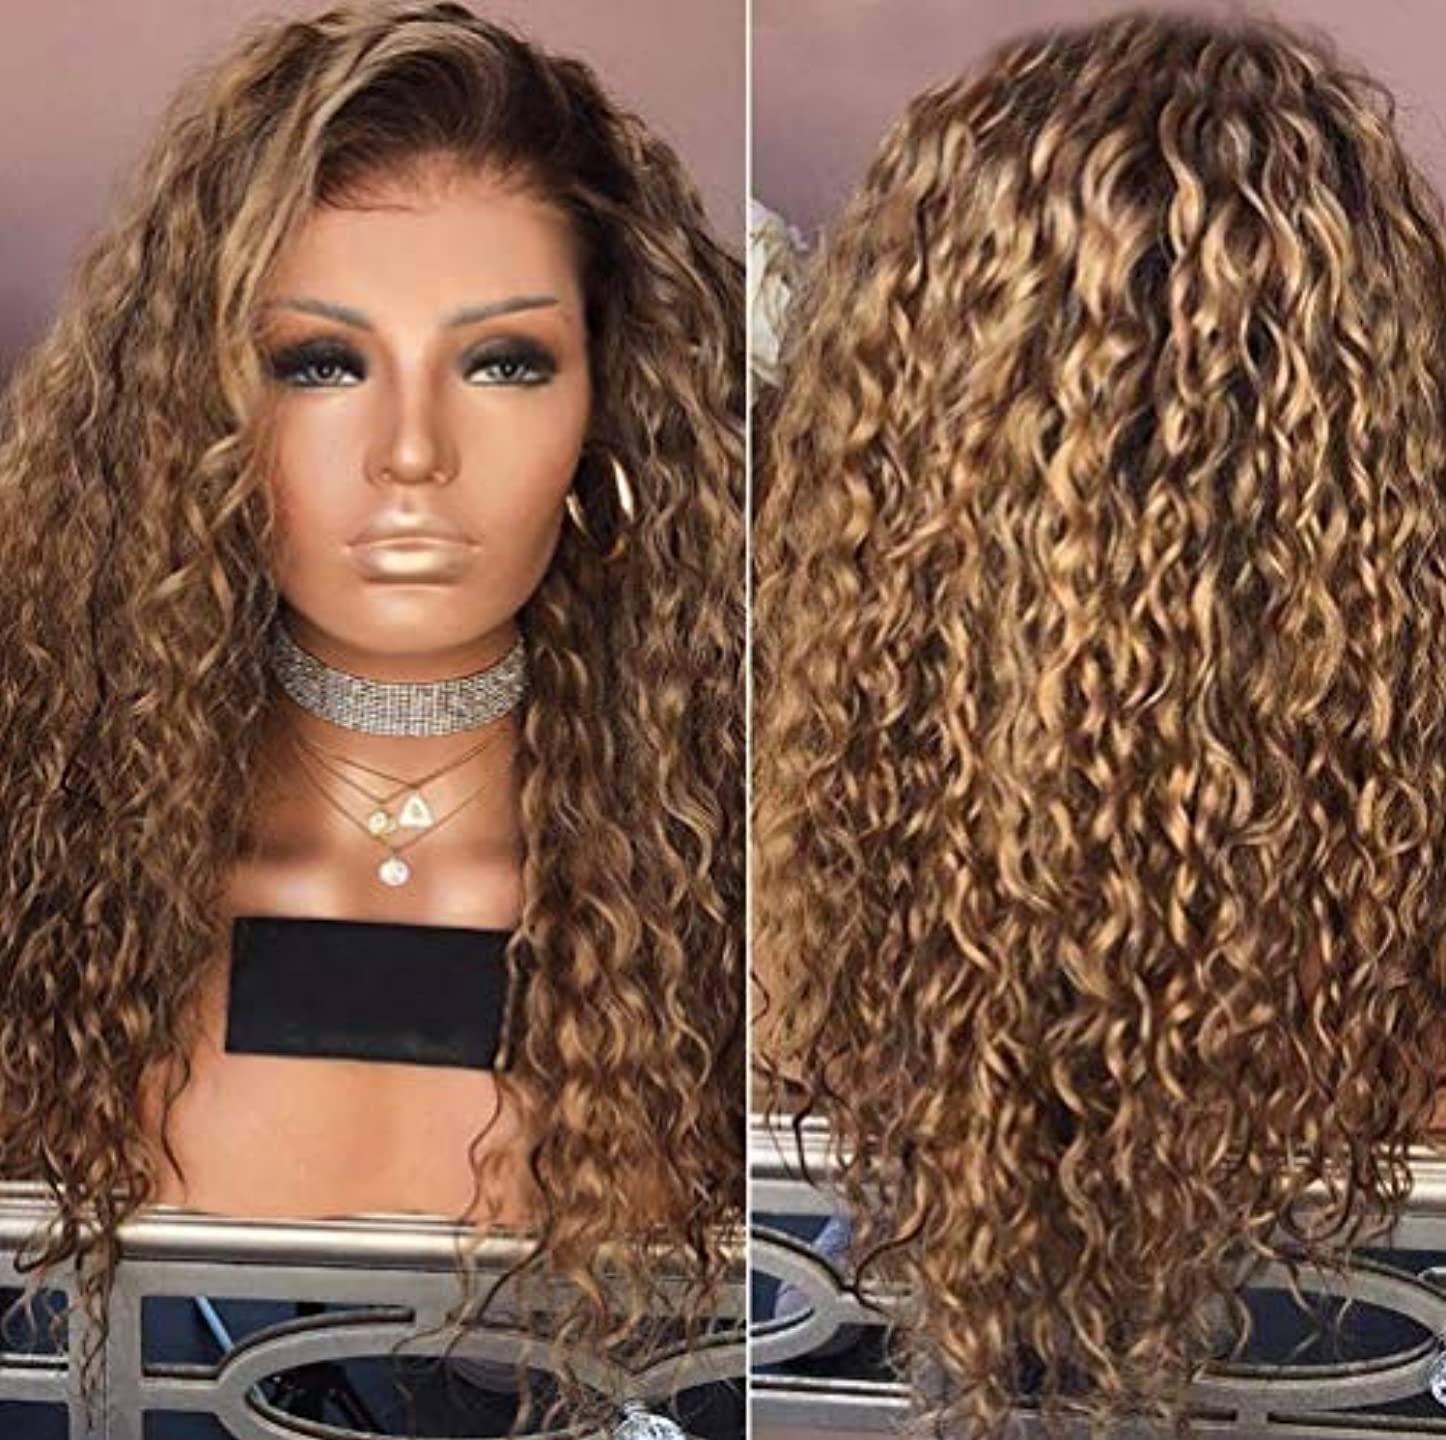 教育交渉する学習者女性カーリーブラジルウィッグ実体波ナチュラルカラーブラジル実体波かつらブラウン65 cm